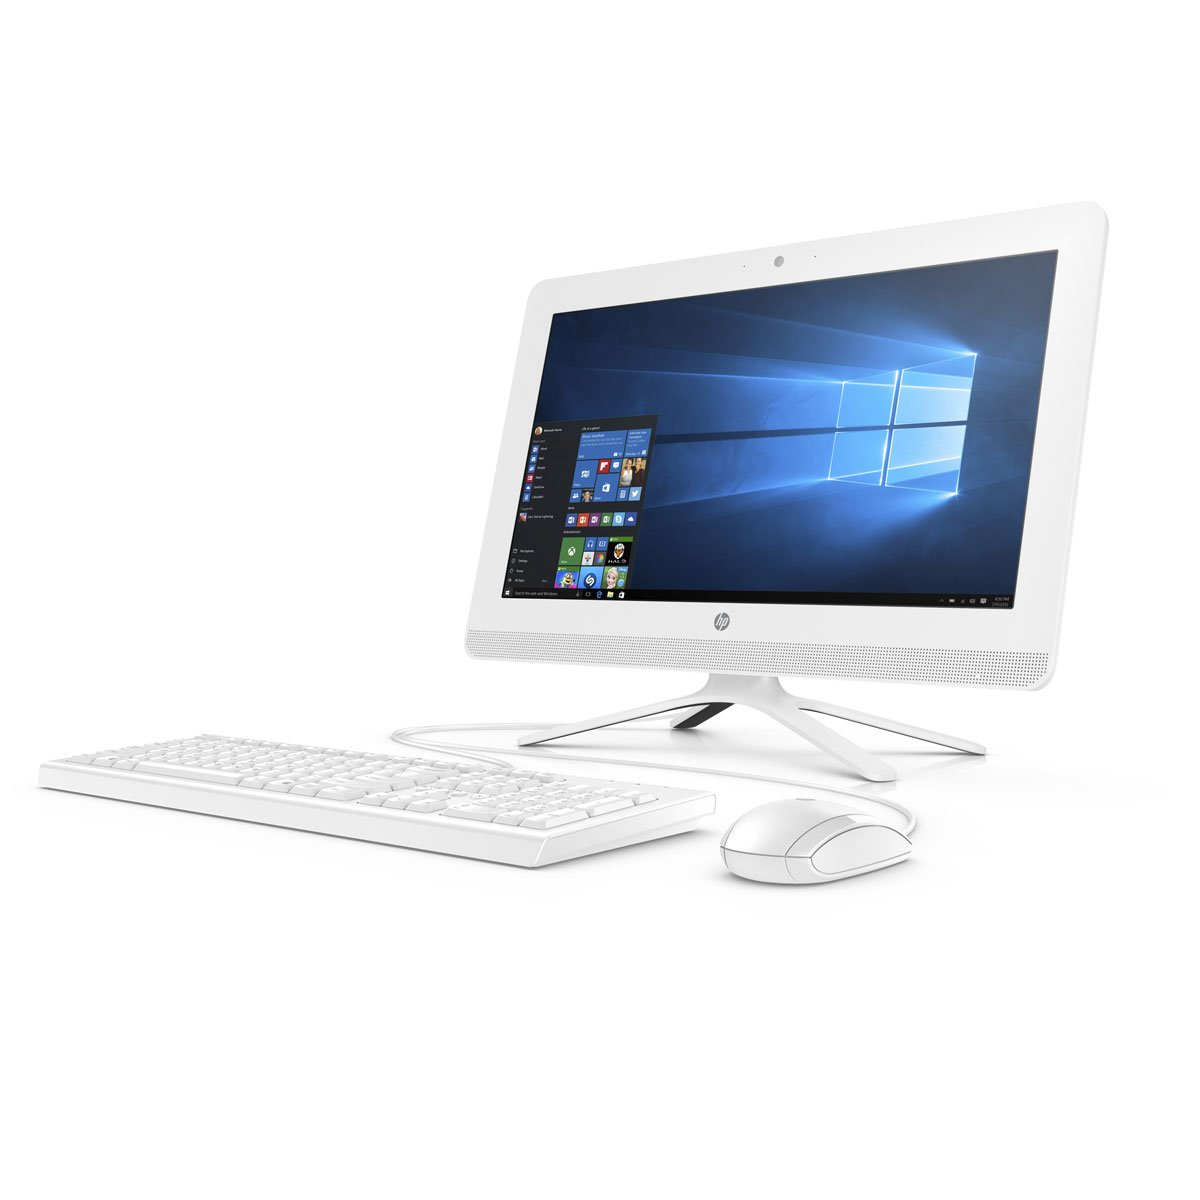 Hp 20 C019la 19 5 Quot Alo Desktop Pc Amd Quad Core A4 7210 1